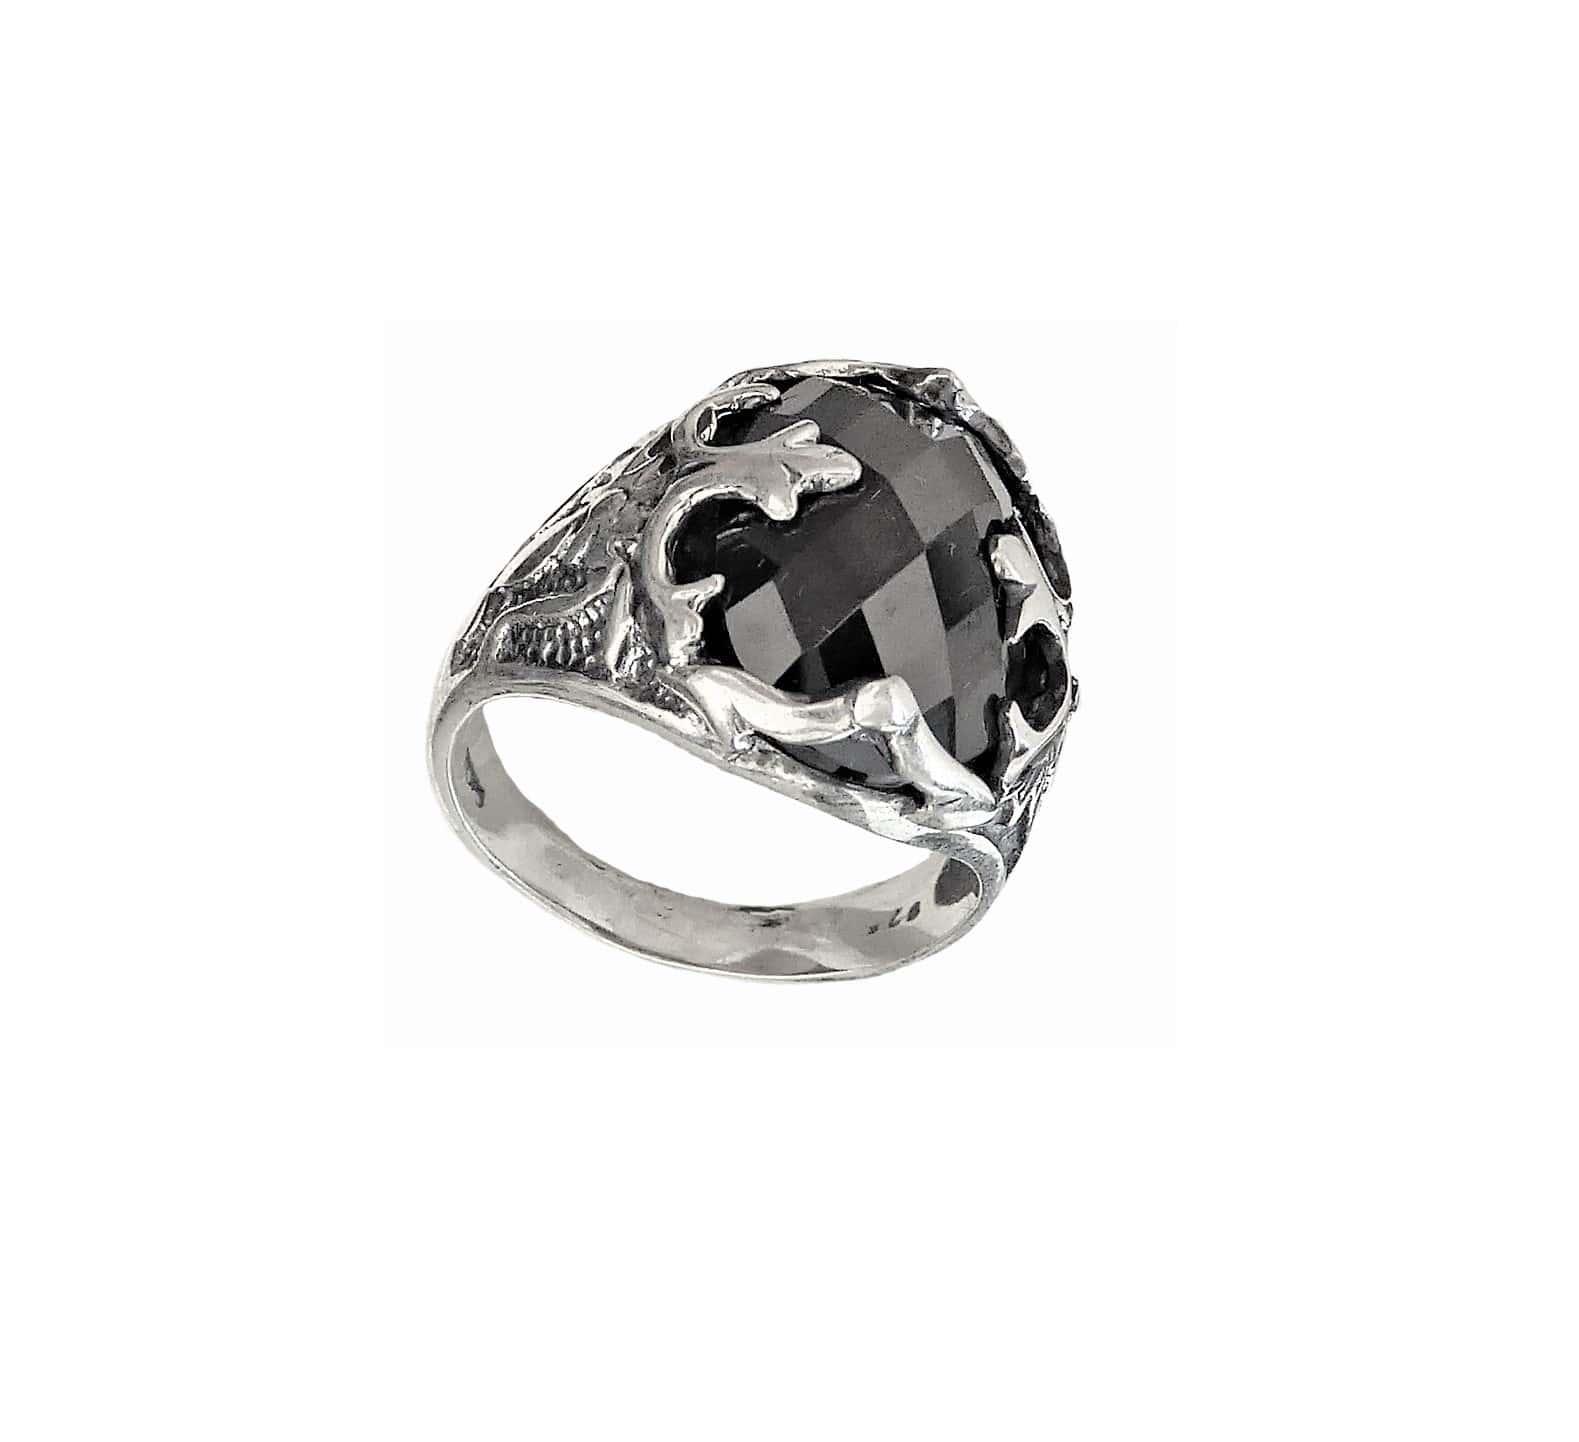 Anillo De Sello Para Hombre Con Piedra Negra M68 Plata 925 Ebay